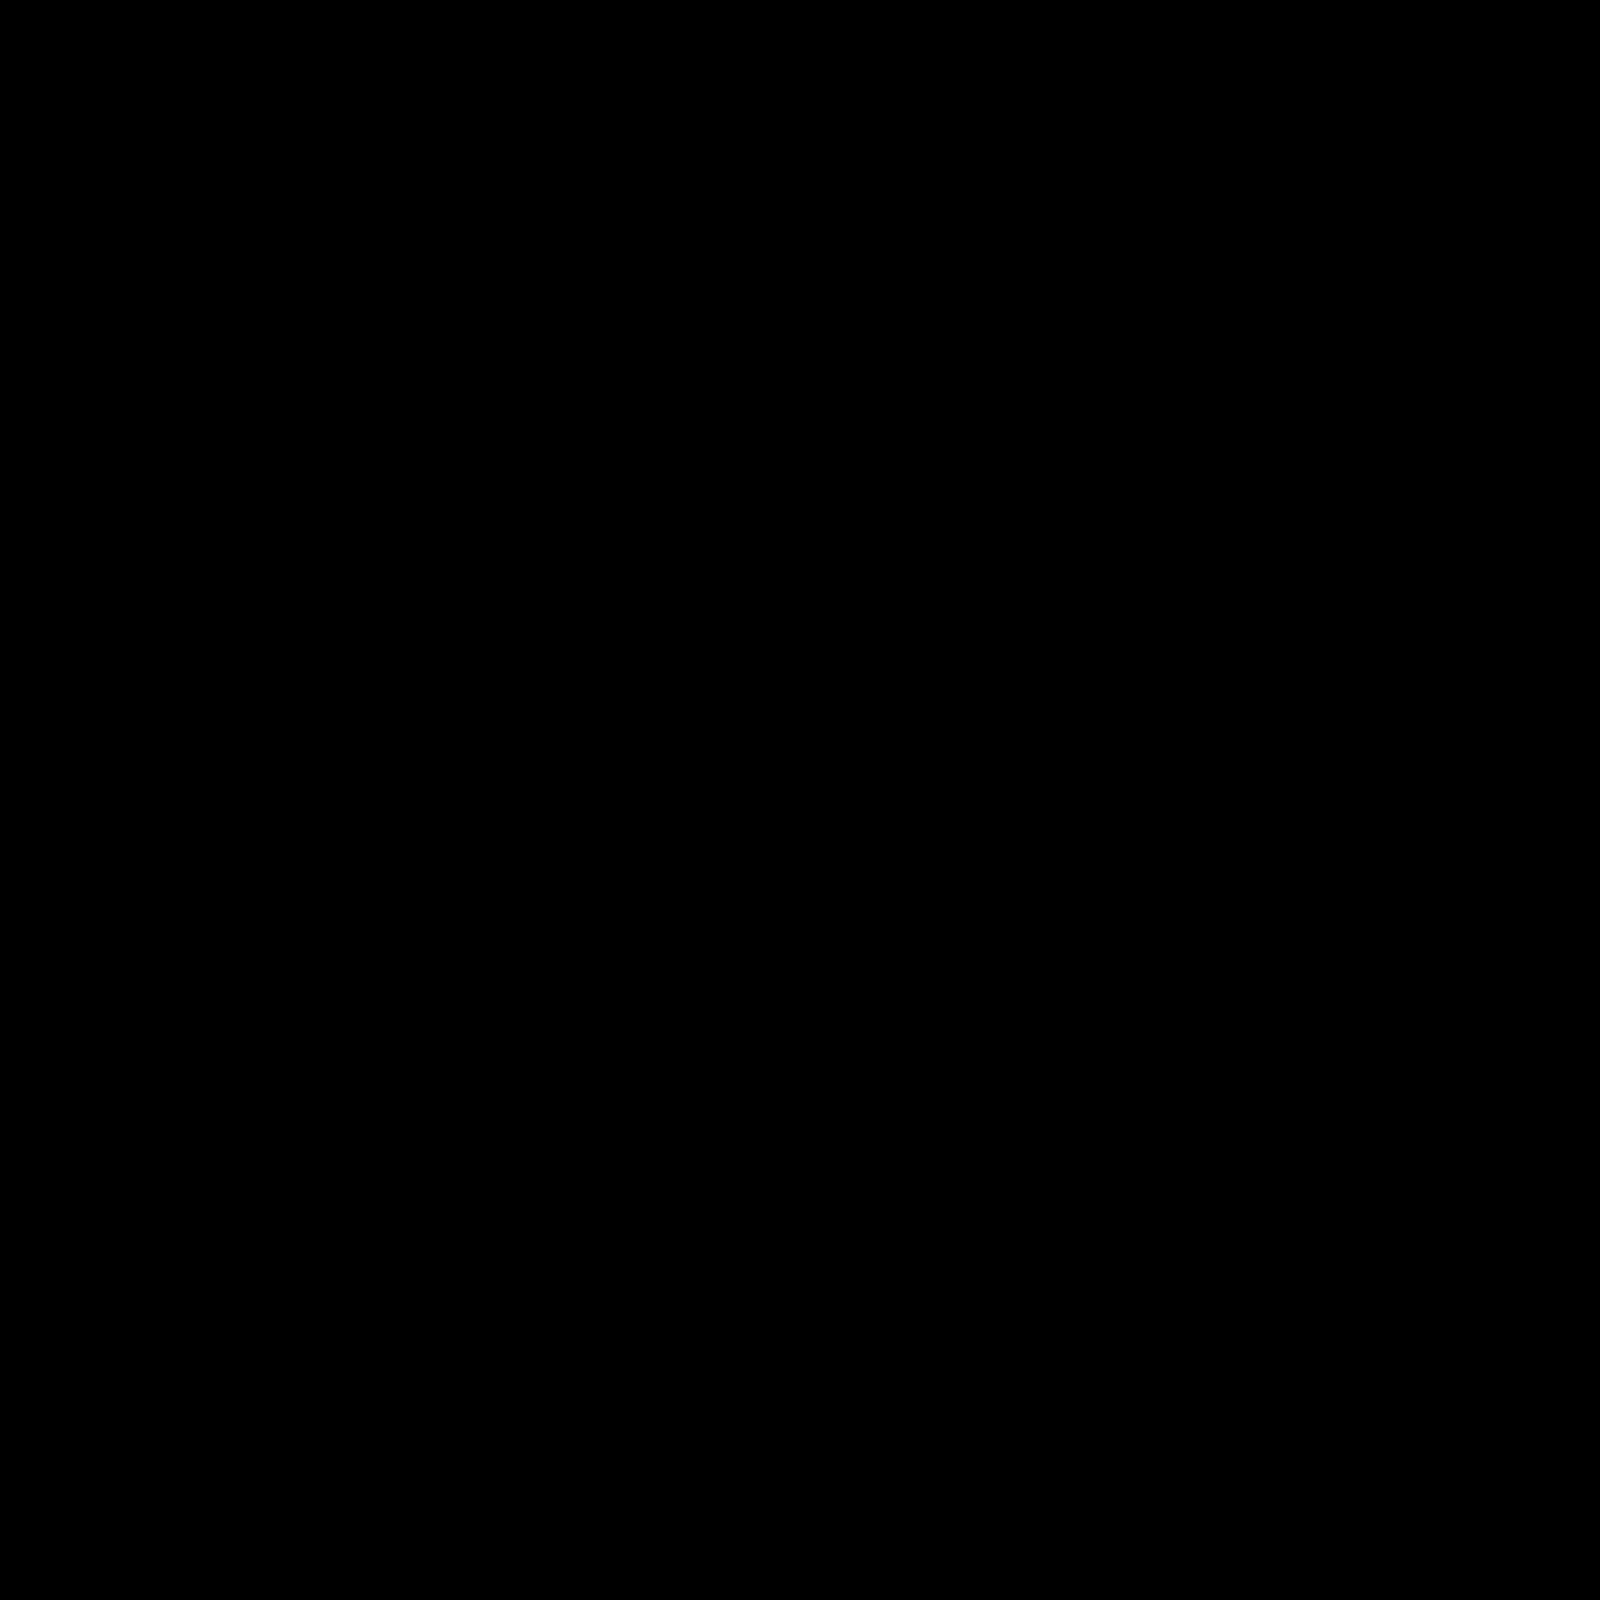 Clipart gun submachine gun. Computer icons firearm cartoon